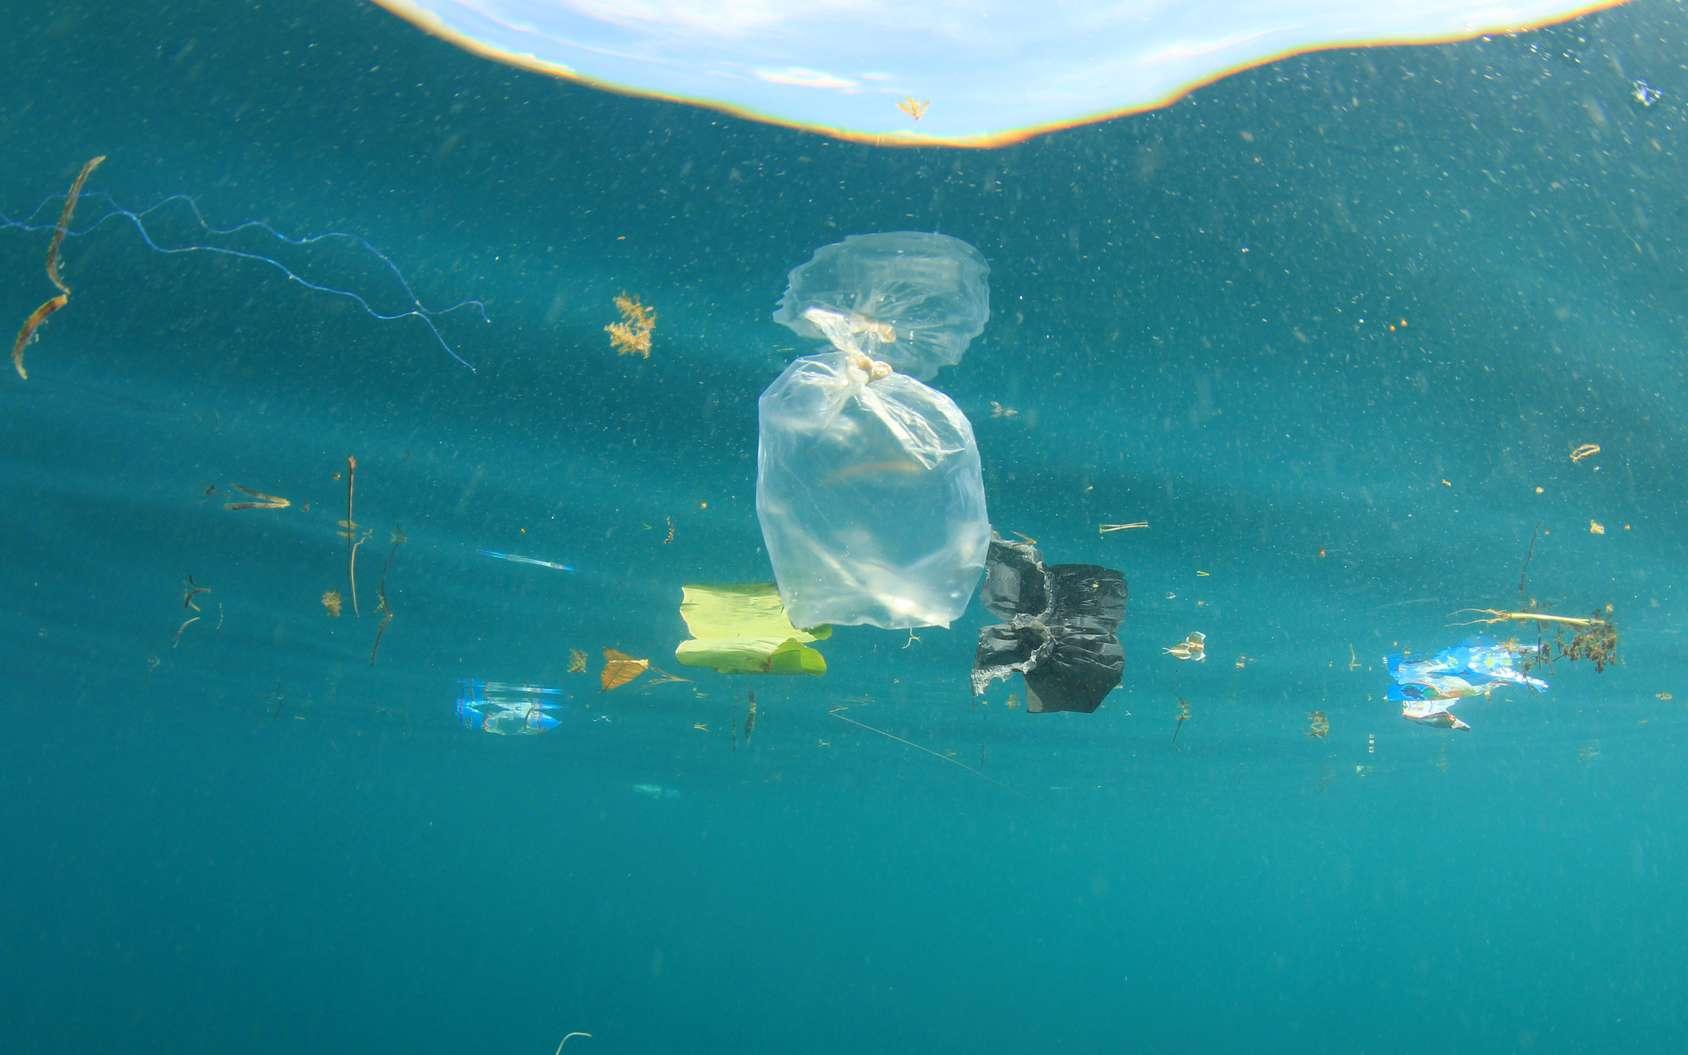 Le projet Ocean Cleanup, de Boyan Slat, consiste à poser un barrage flottant, fixe par rapport au fond, pour profiter du courant. Les débris seraient alors piégés et un bateau de ramassage passerait régulièrement. © Richard Carey, Fotolia